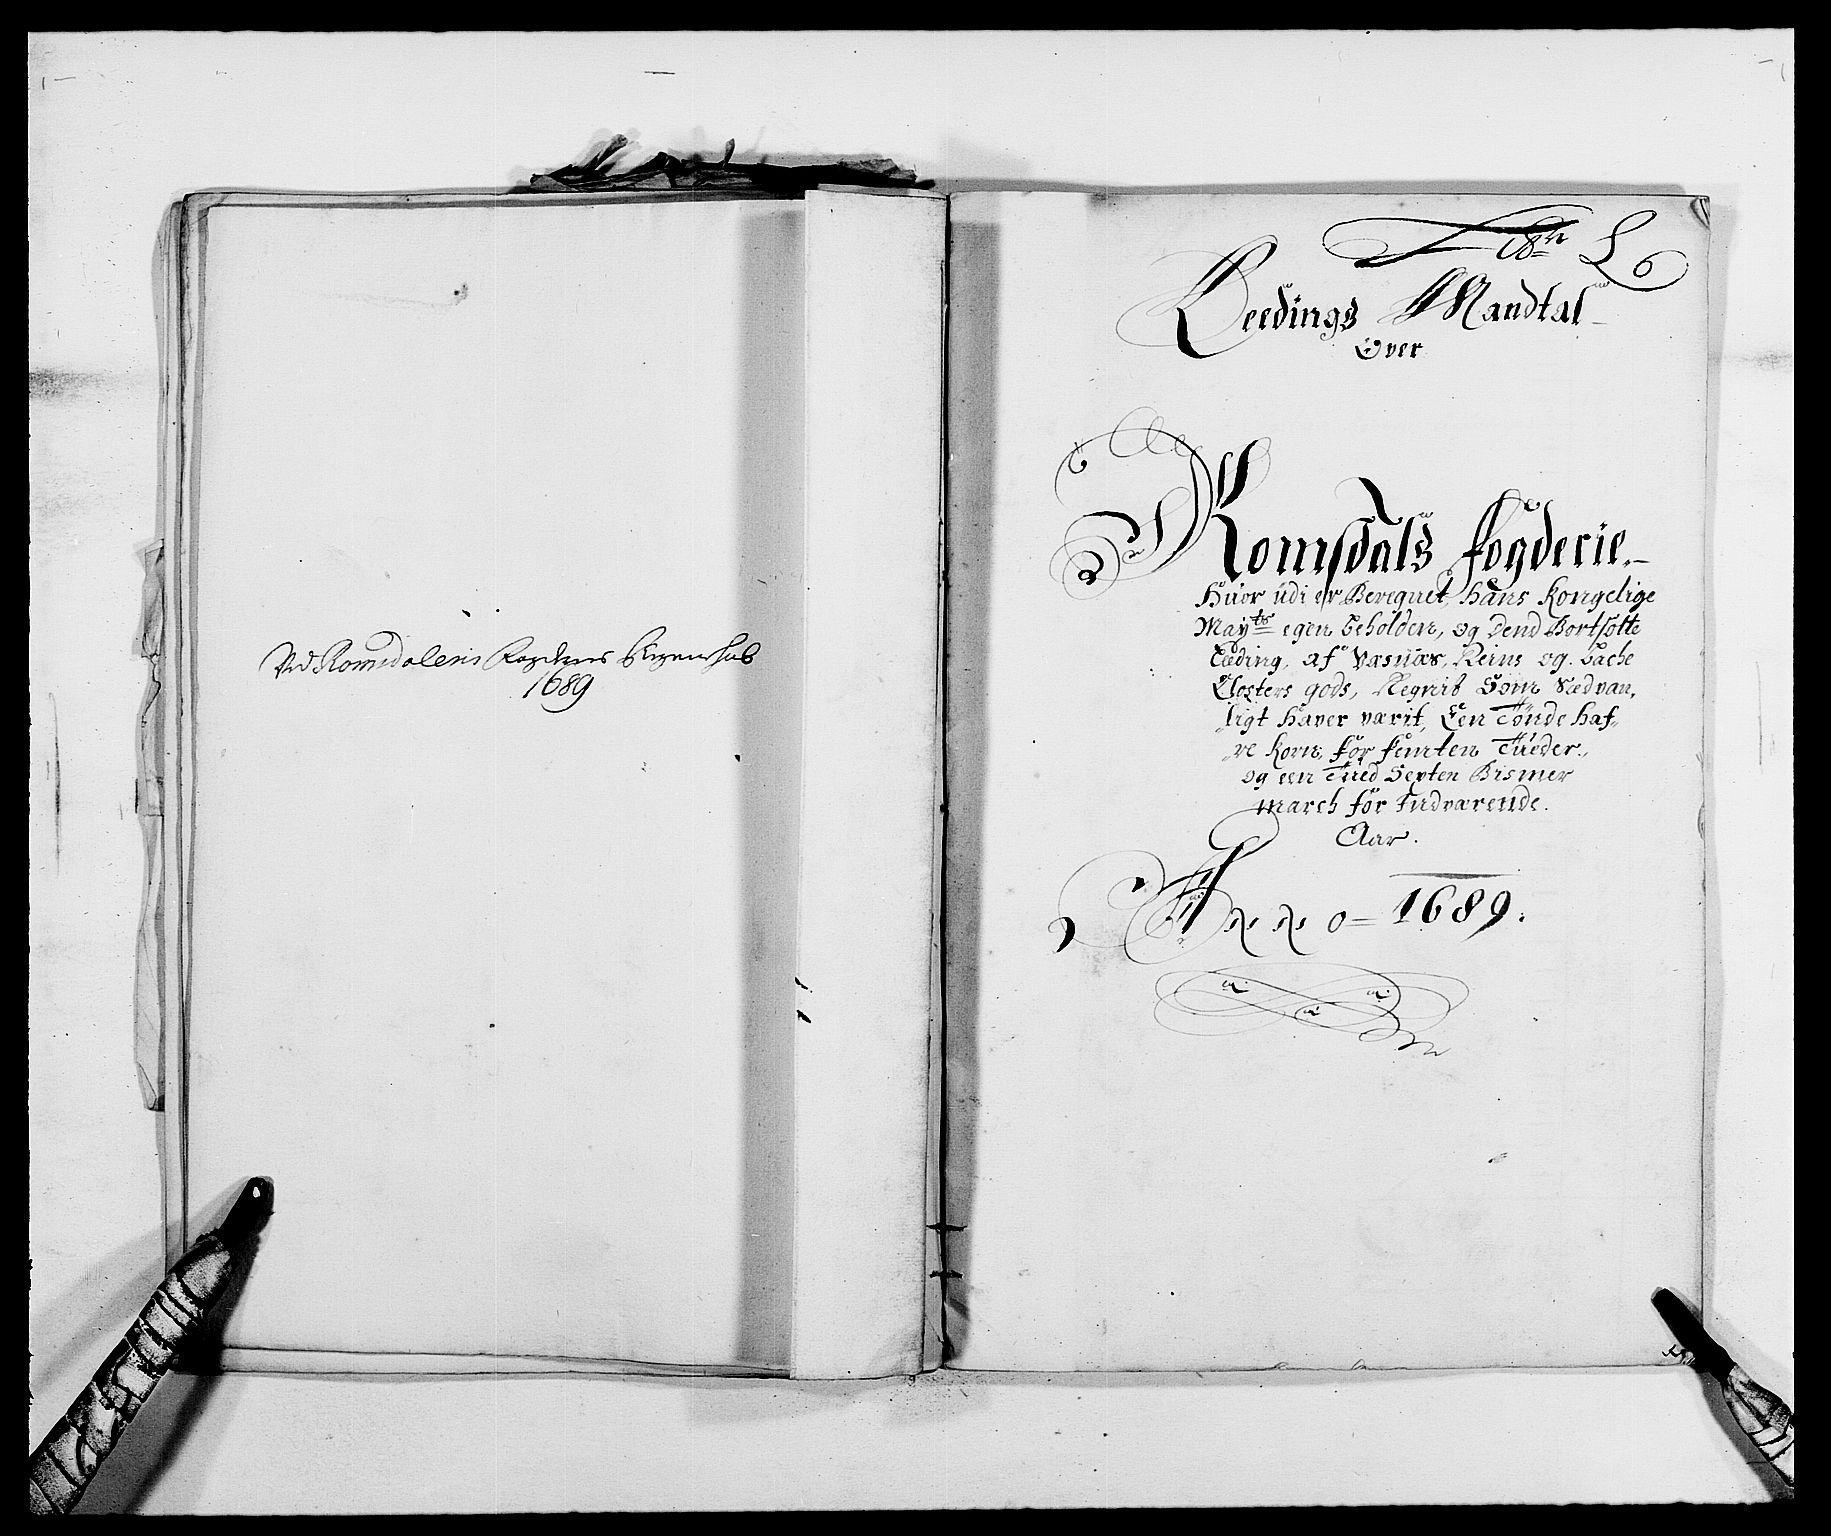 RA, Rentekammeret inntil 1814, Reviderte regnskaper, Fogderegnskap, R55/L3648: Fogderegnskap Romsdal, 1687-1689, s. 375